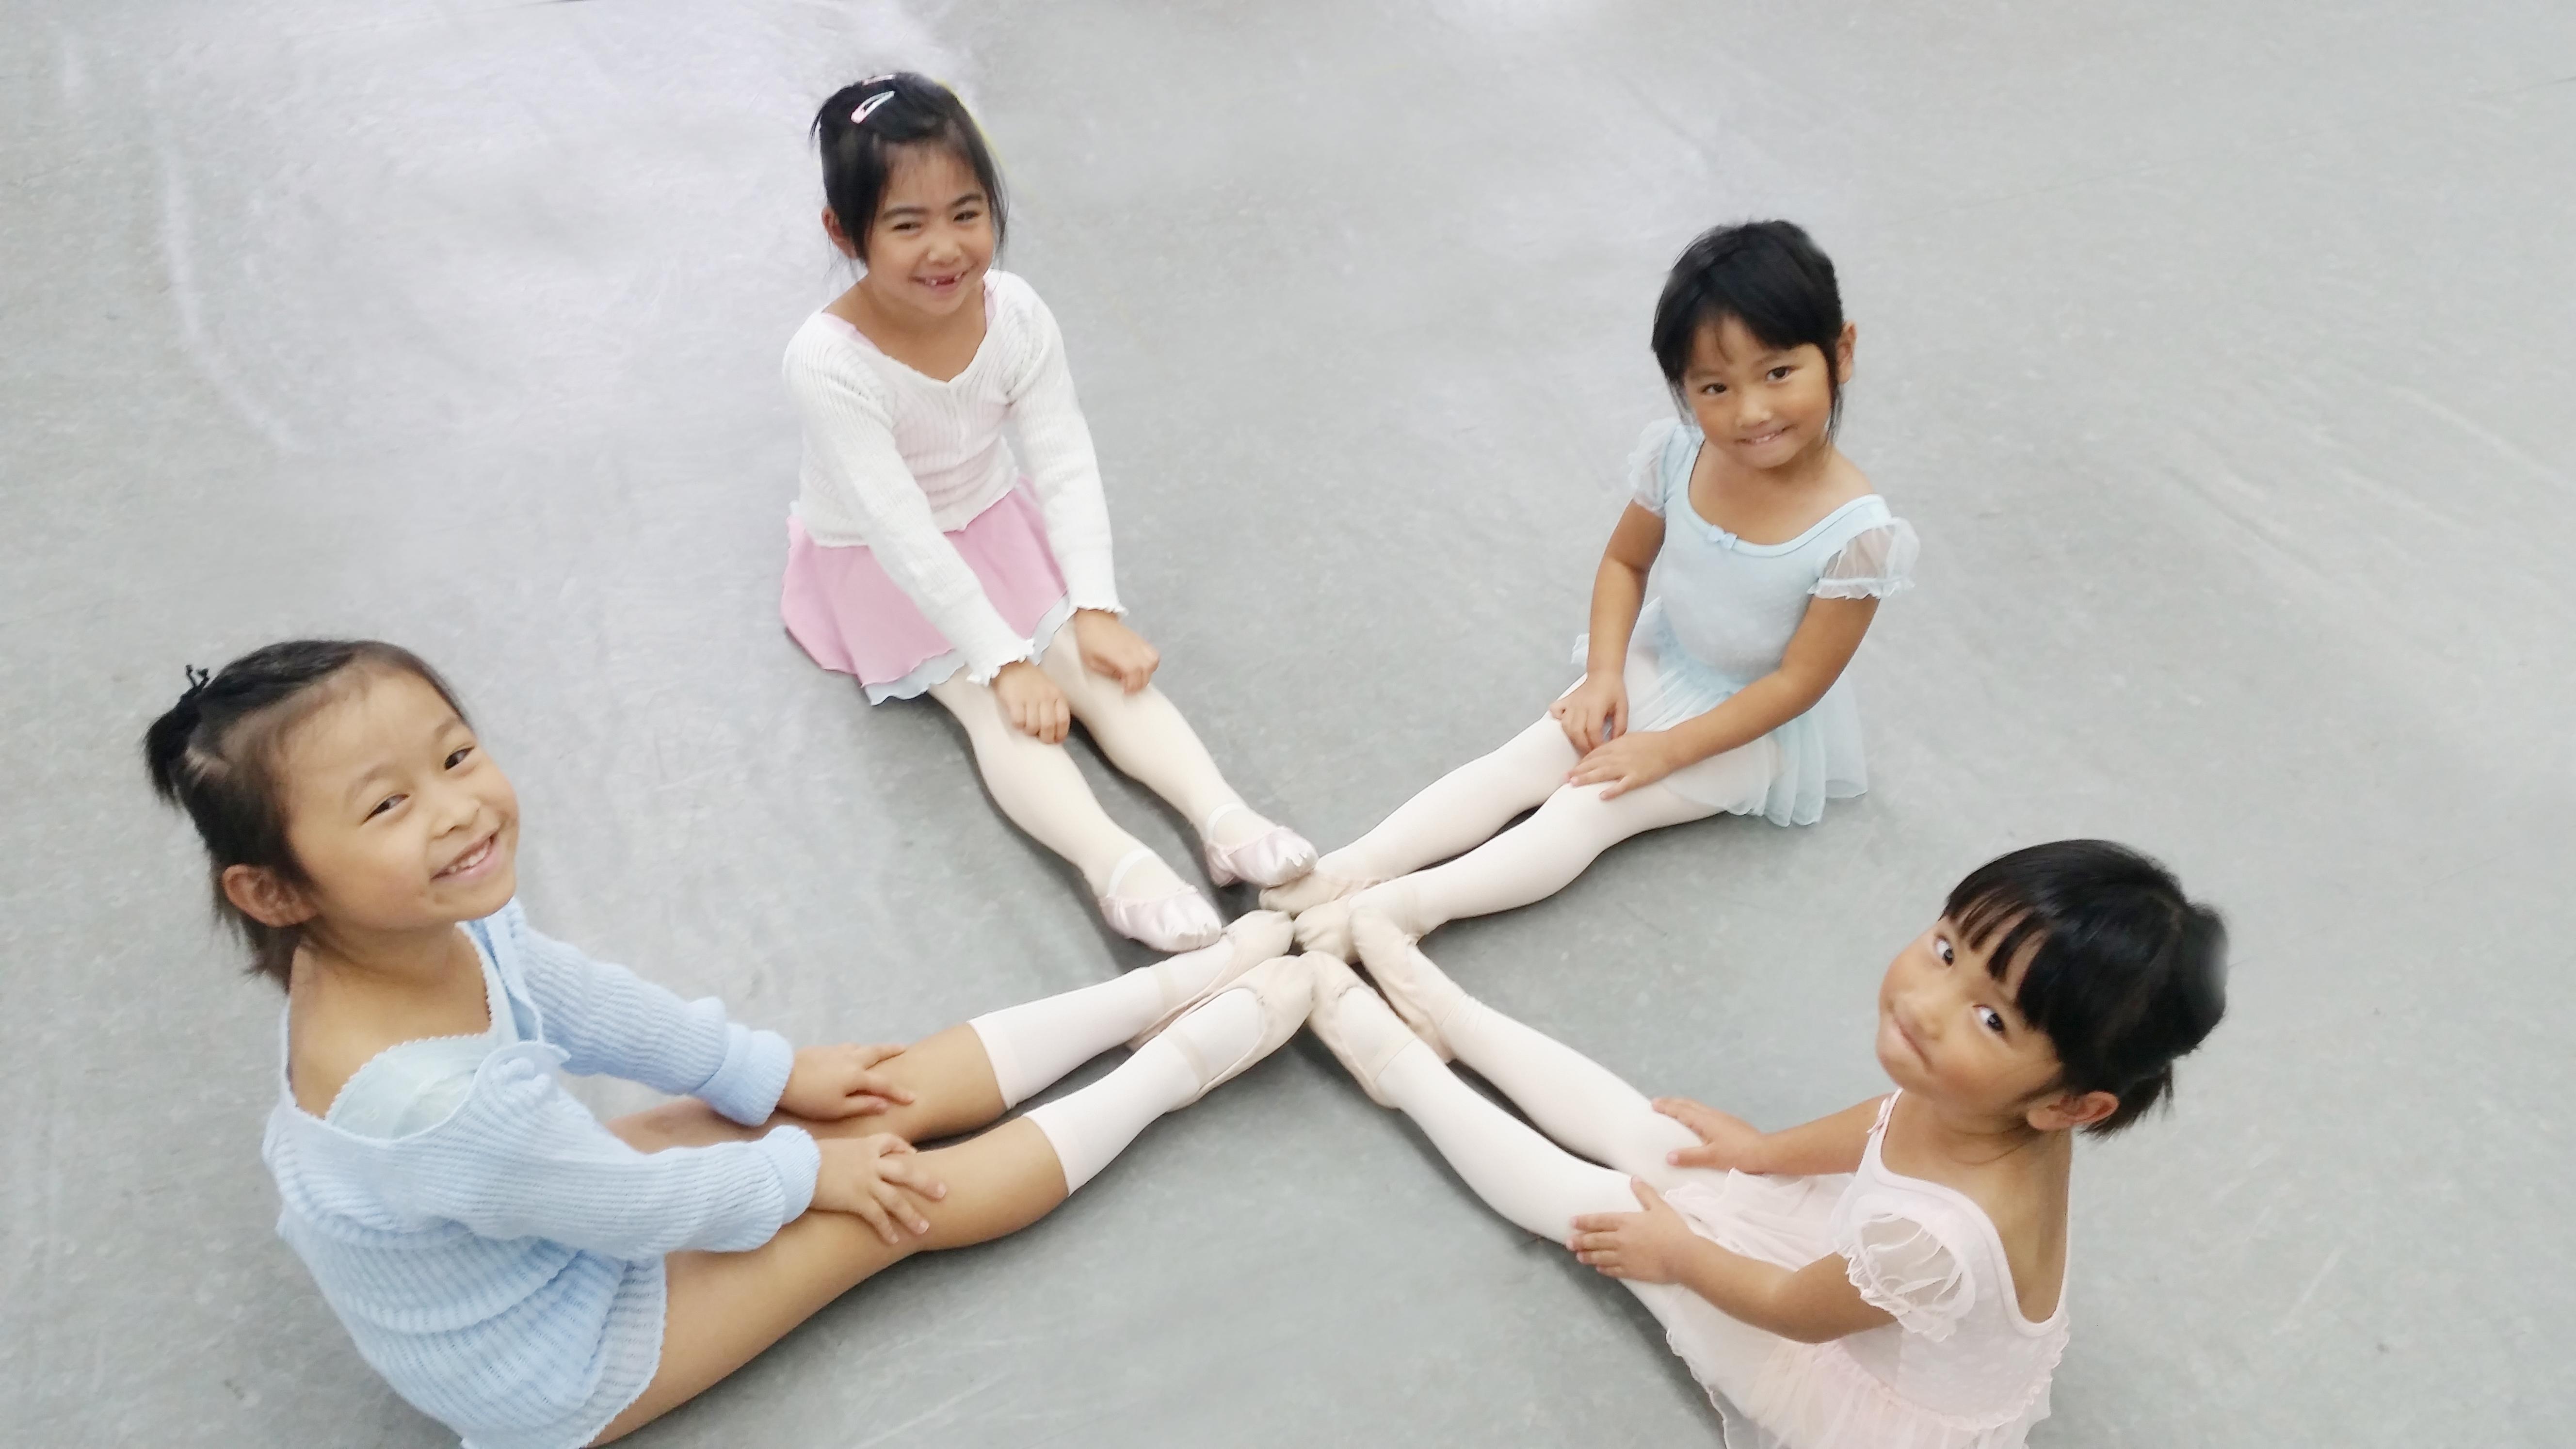 東京バレエ劇場附属 三郷バレエ研究所